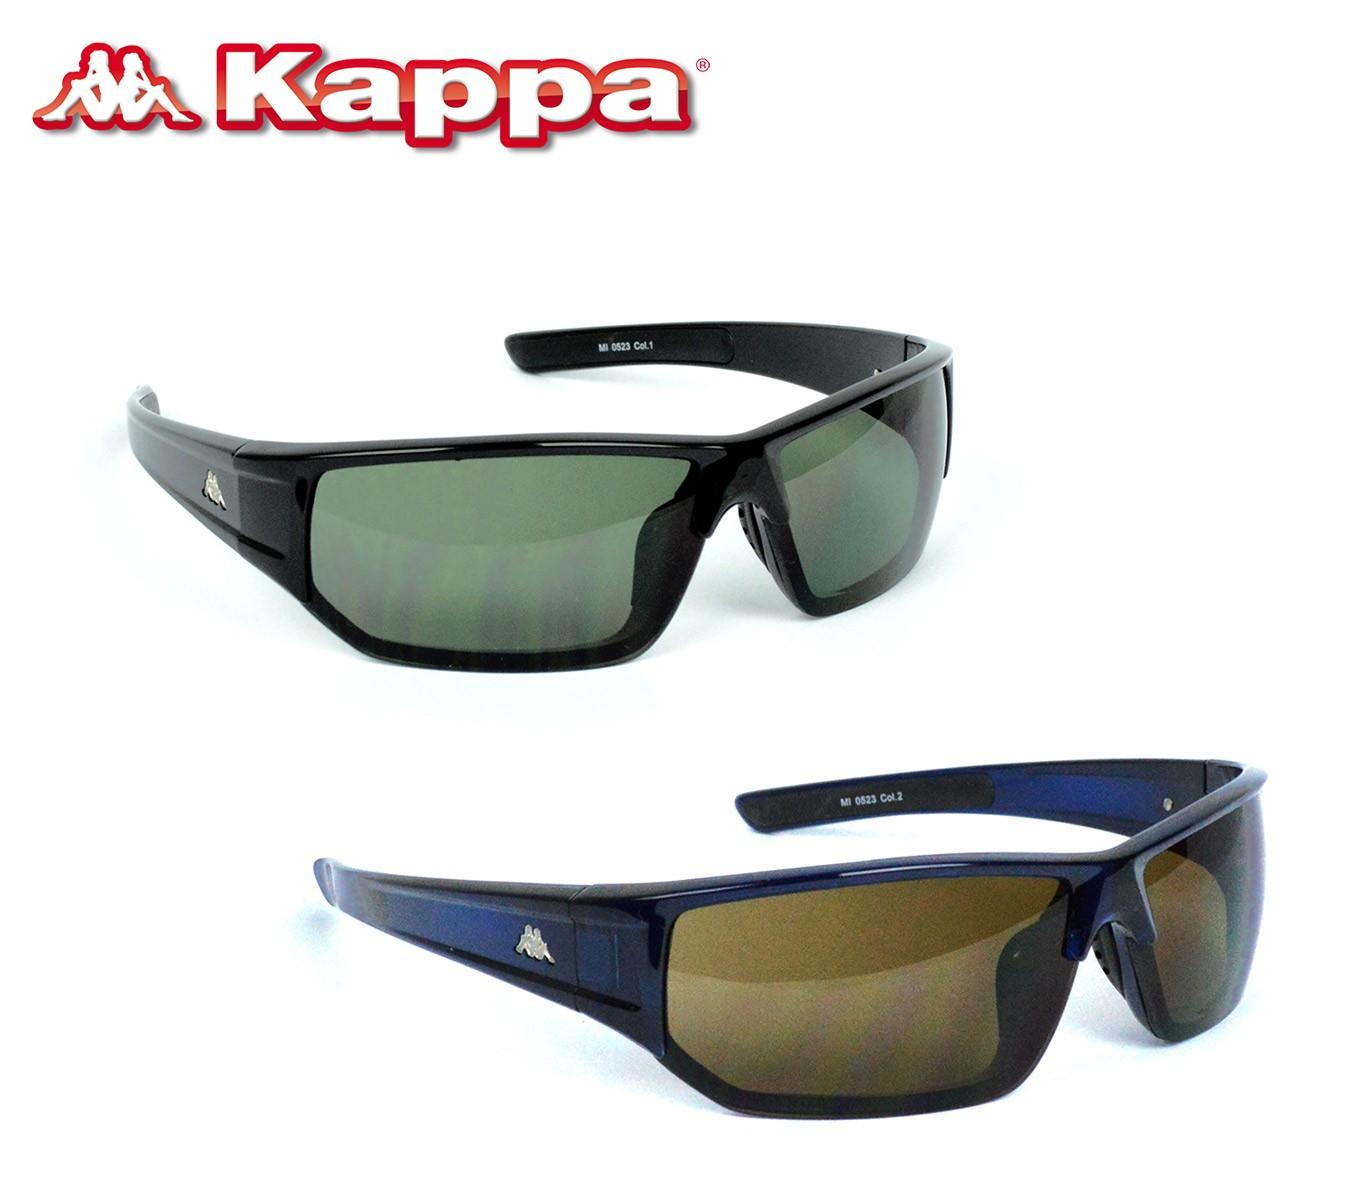 0523 Occhiali da sole Kappa modello Barcellona cat.3 con telaio in plastica. MWS (Colore 1) knvi8e1